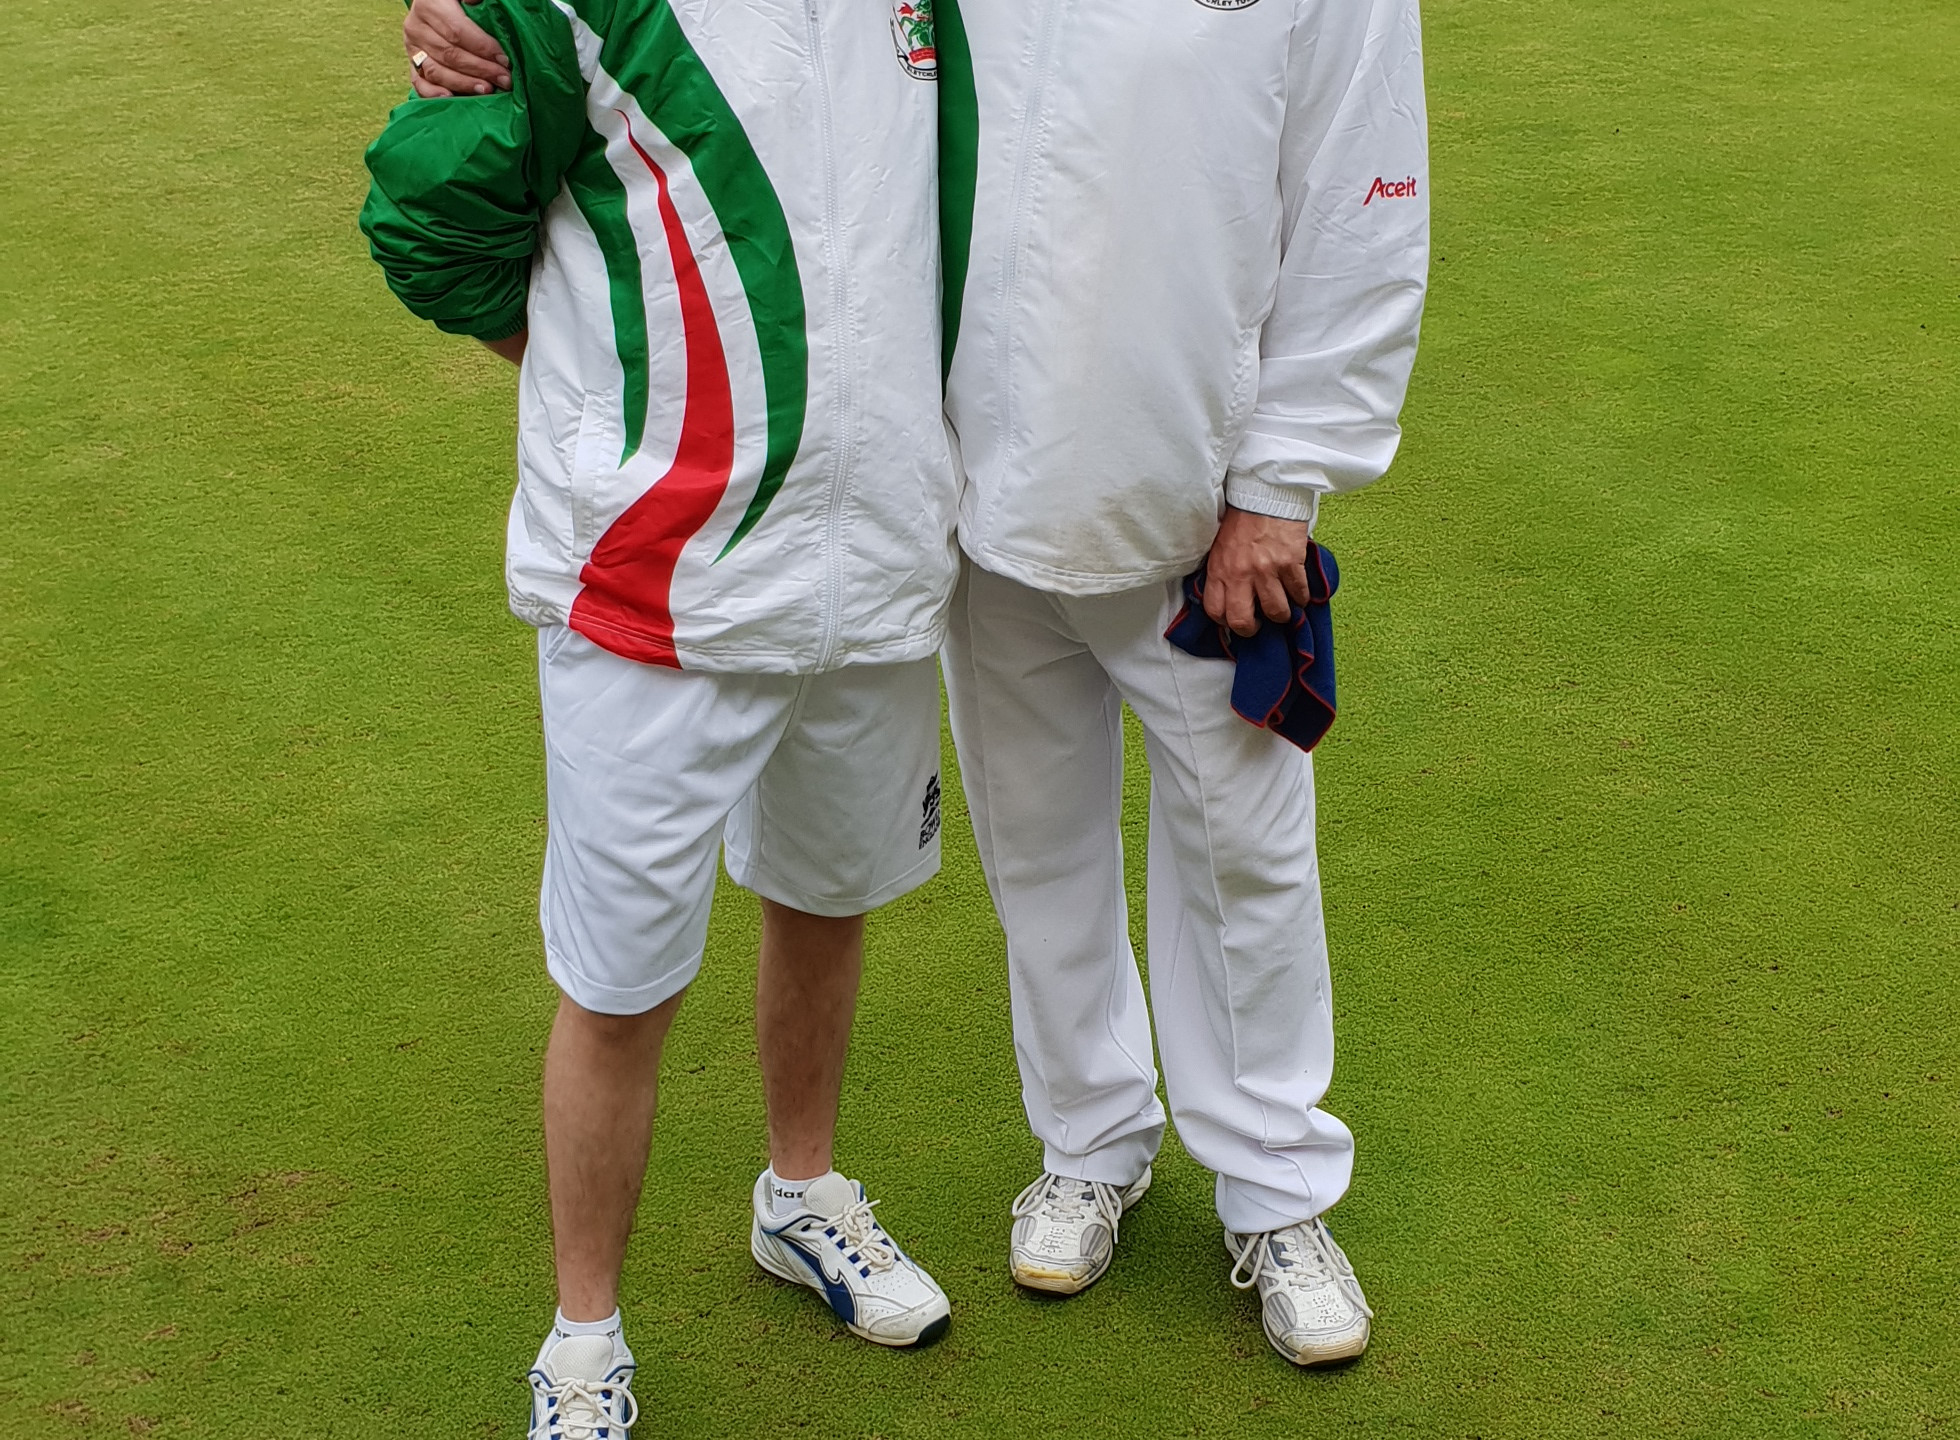 Dave West + Gerry Smyth